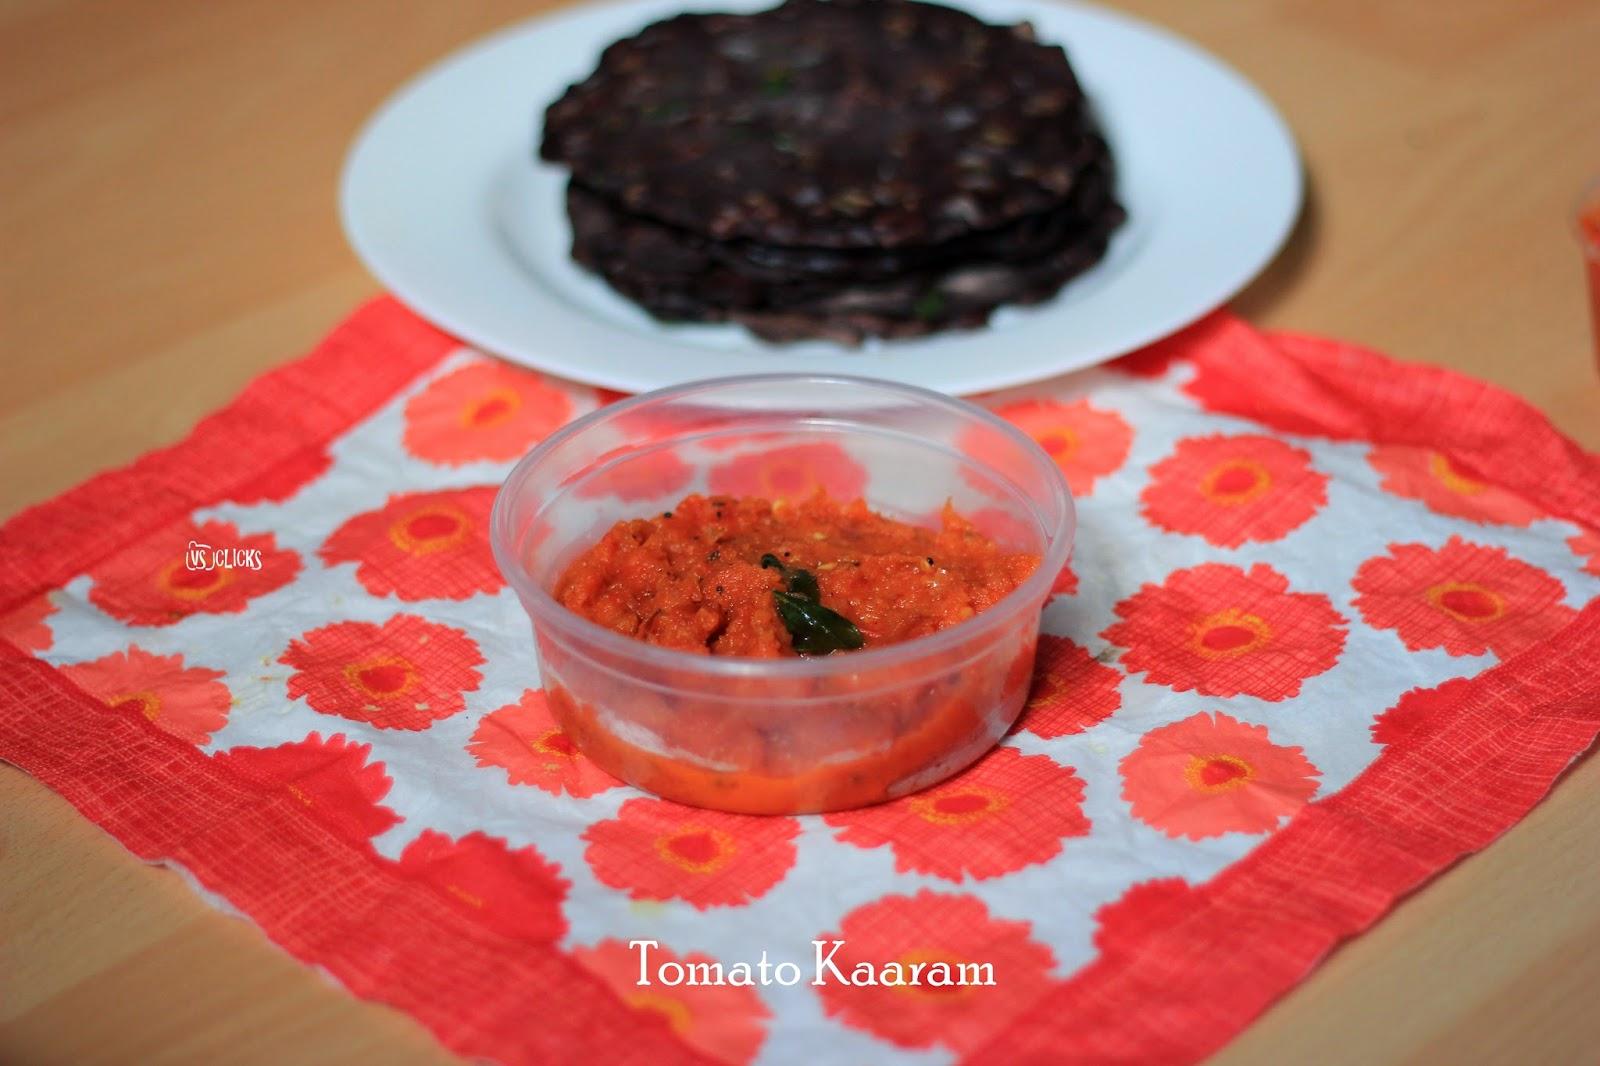 Tomato Kaaram